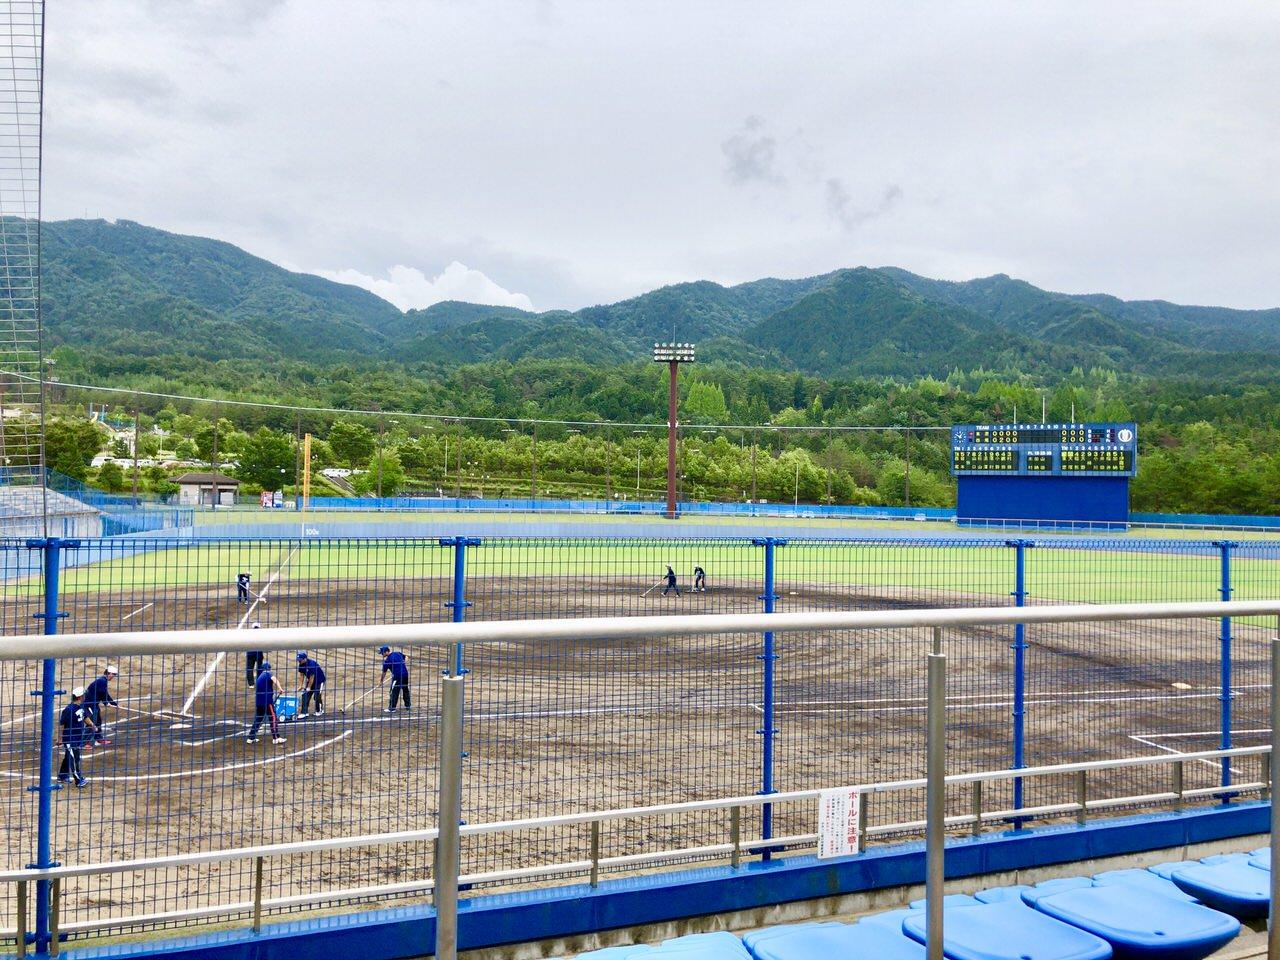 中津川公園野球場のスタジアム